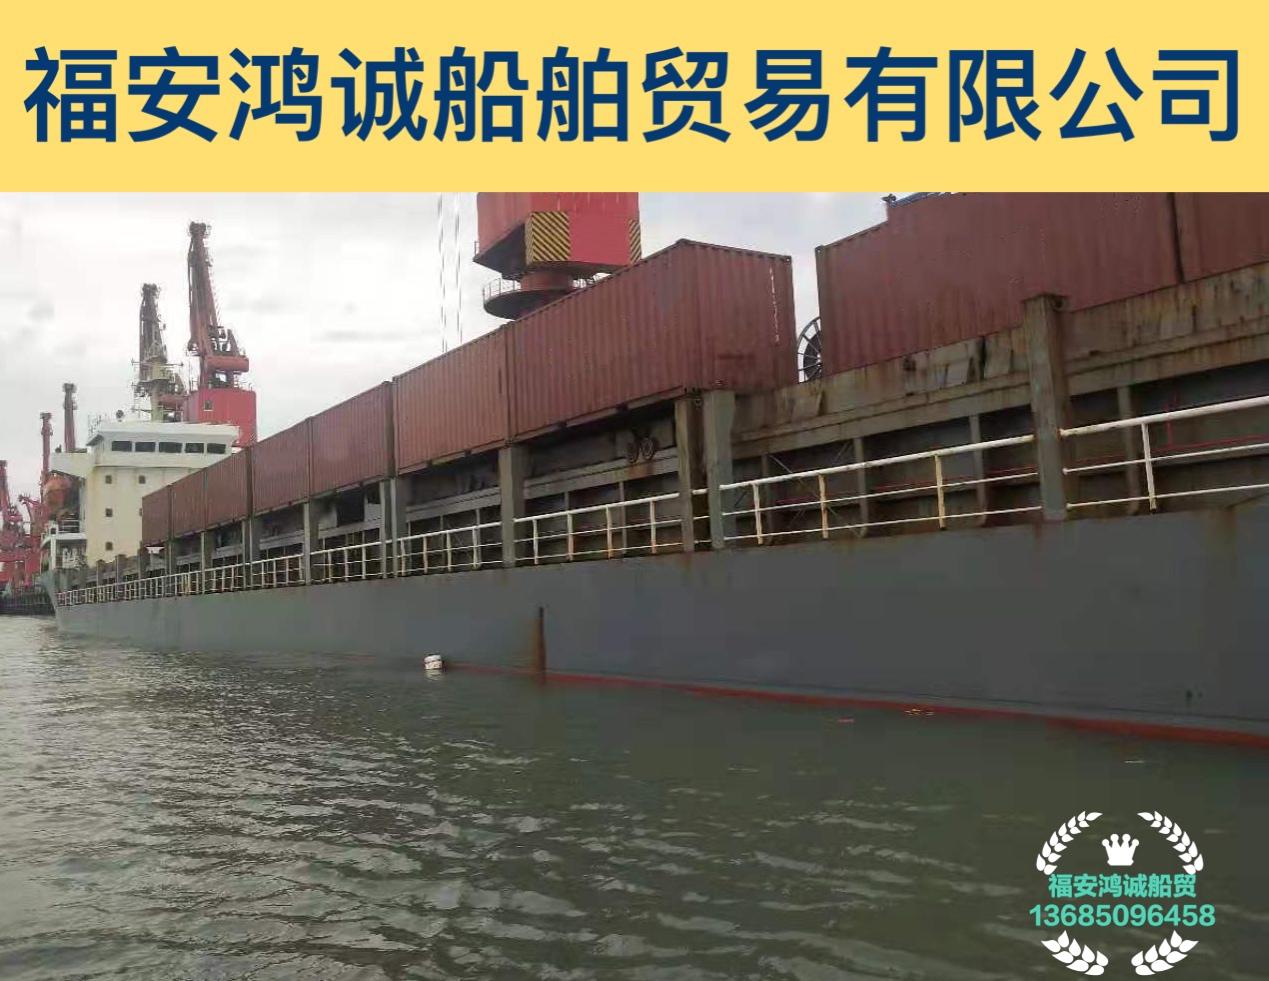 出售7310吨双壳多用途船